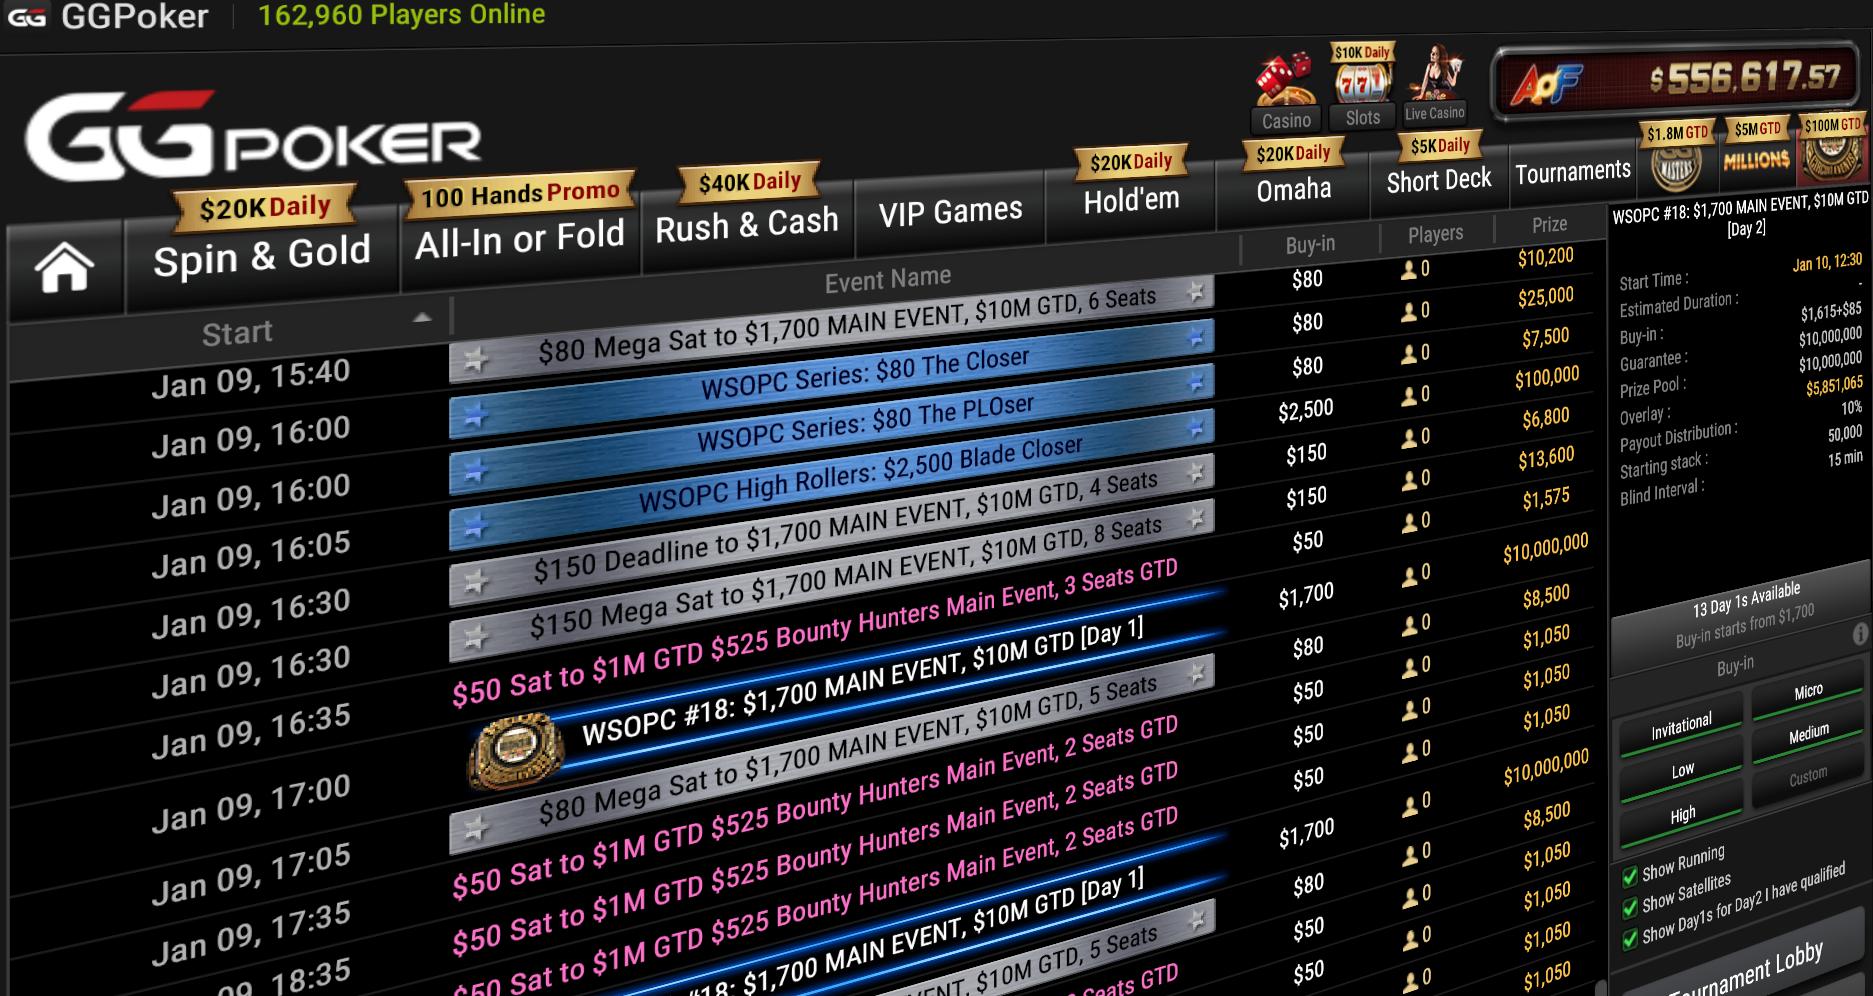 Покер шанс онлайн играть казино автоматы бесплатно без регистрации